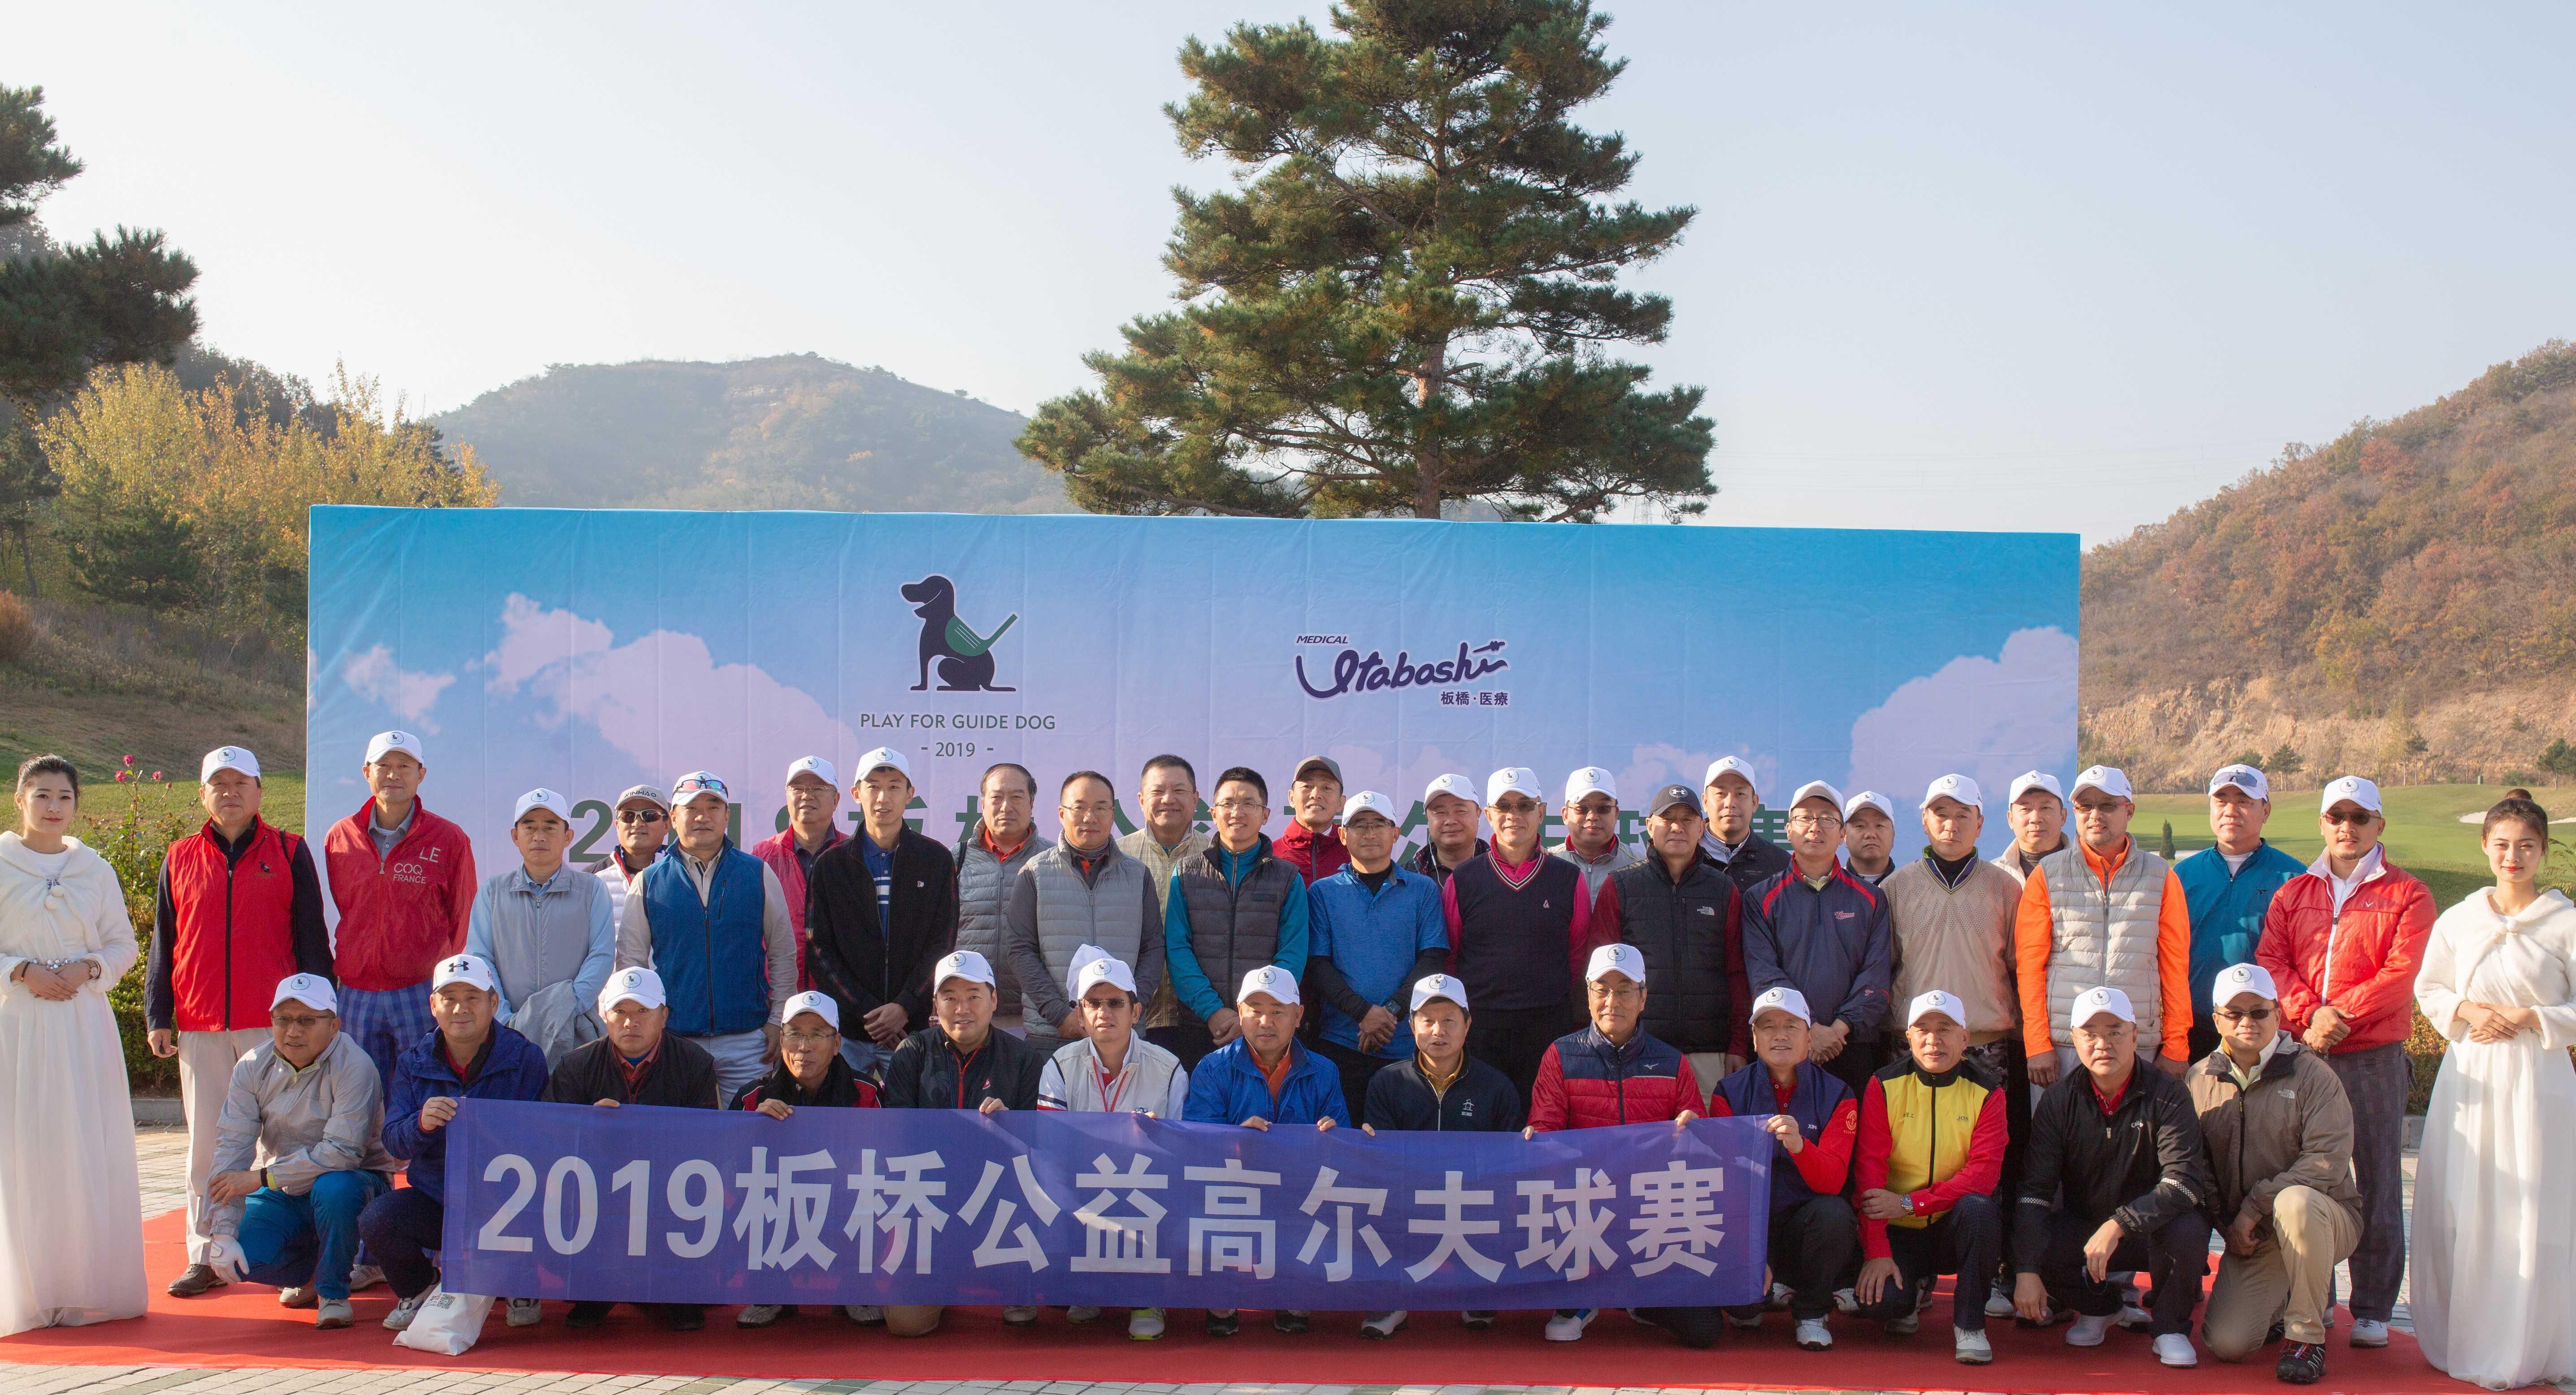 2019板桥公益高尔夫2